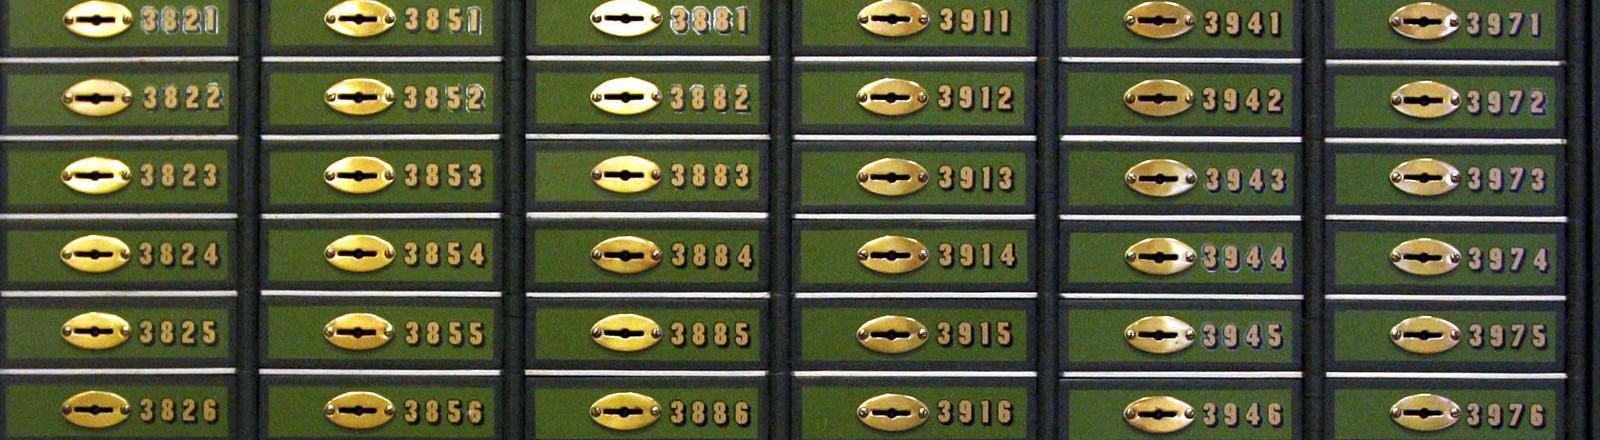 Bank-Schließfach